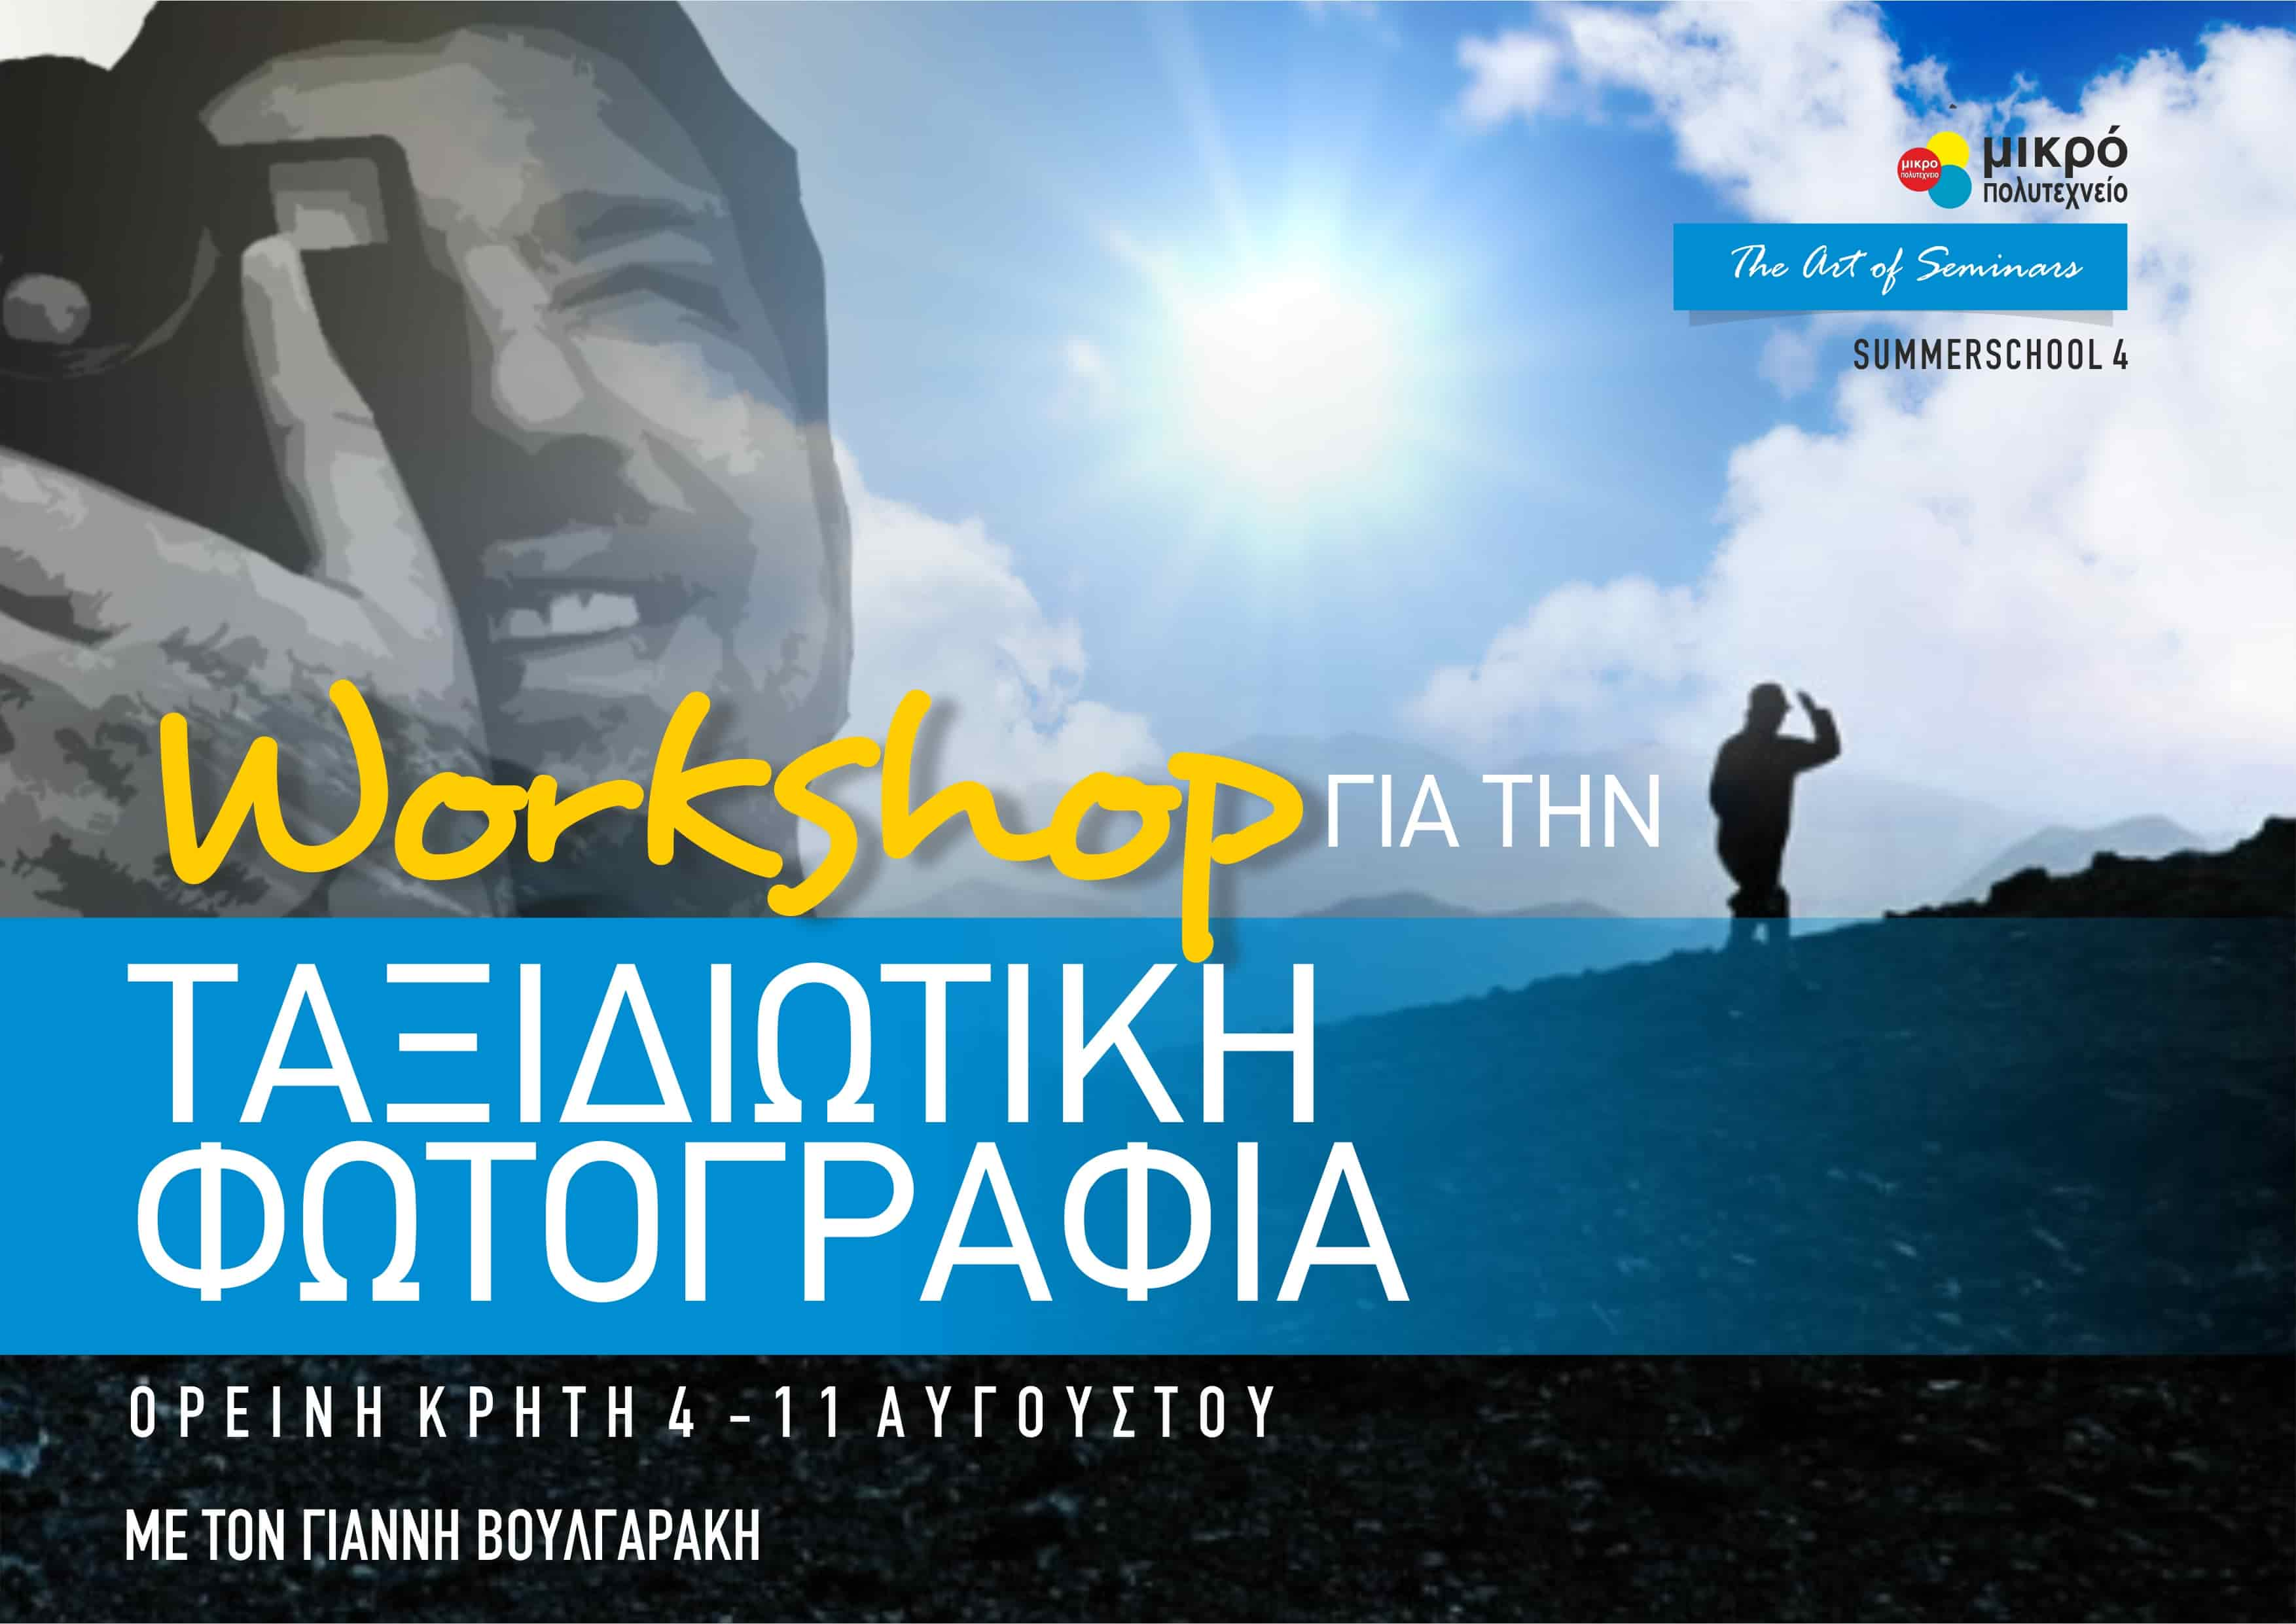 Workshop για την Ταξιδιωτική Φωτογραφία